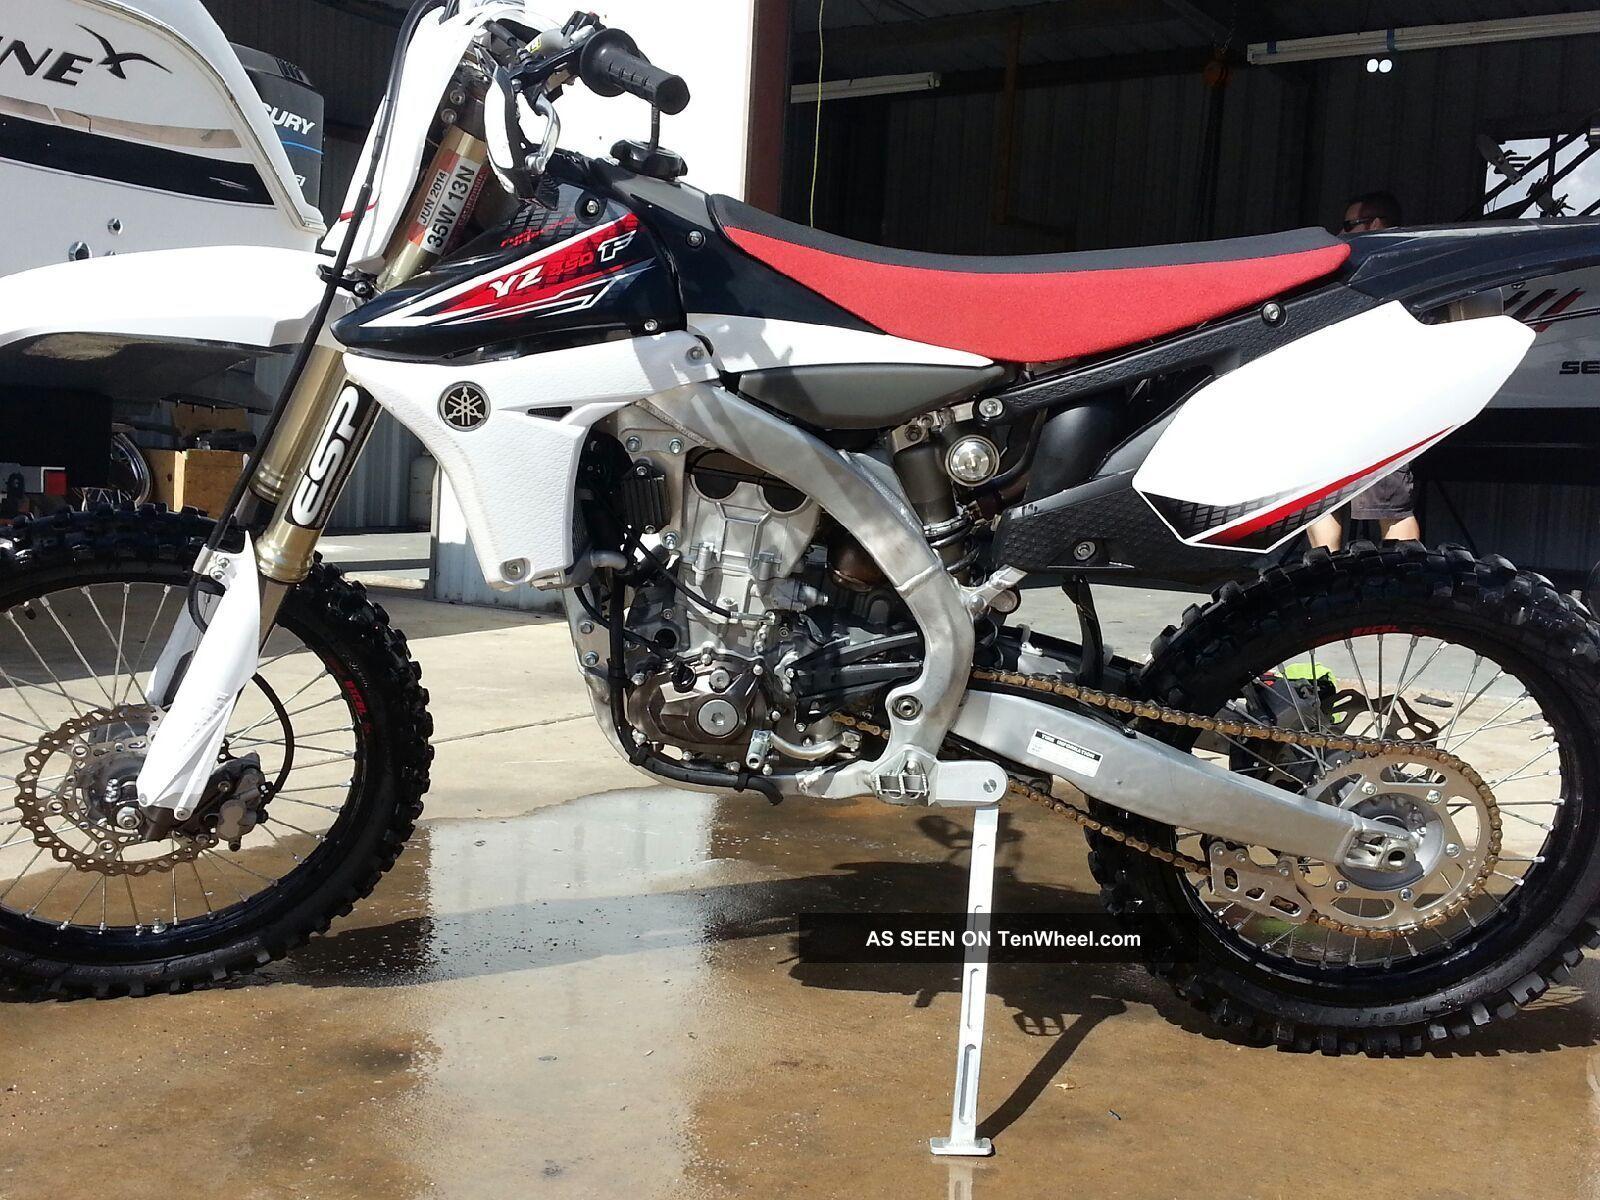 yamaha 250cc dirt bike - photo #16